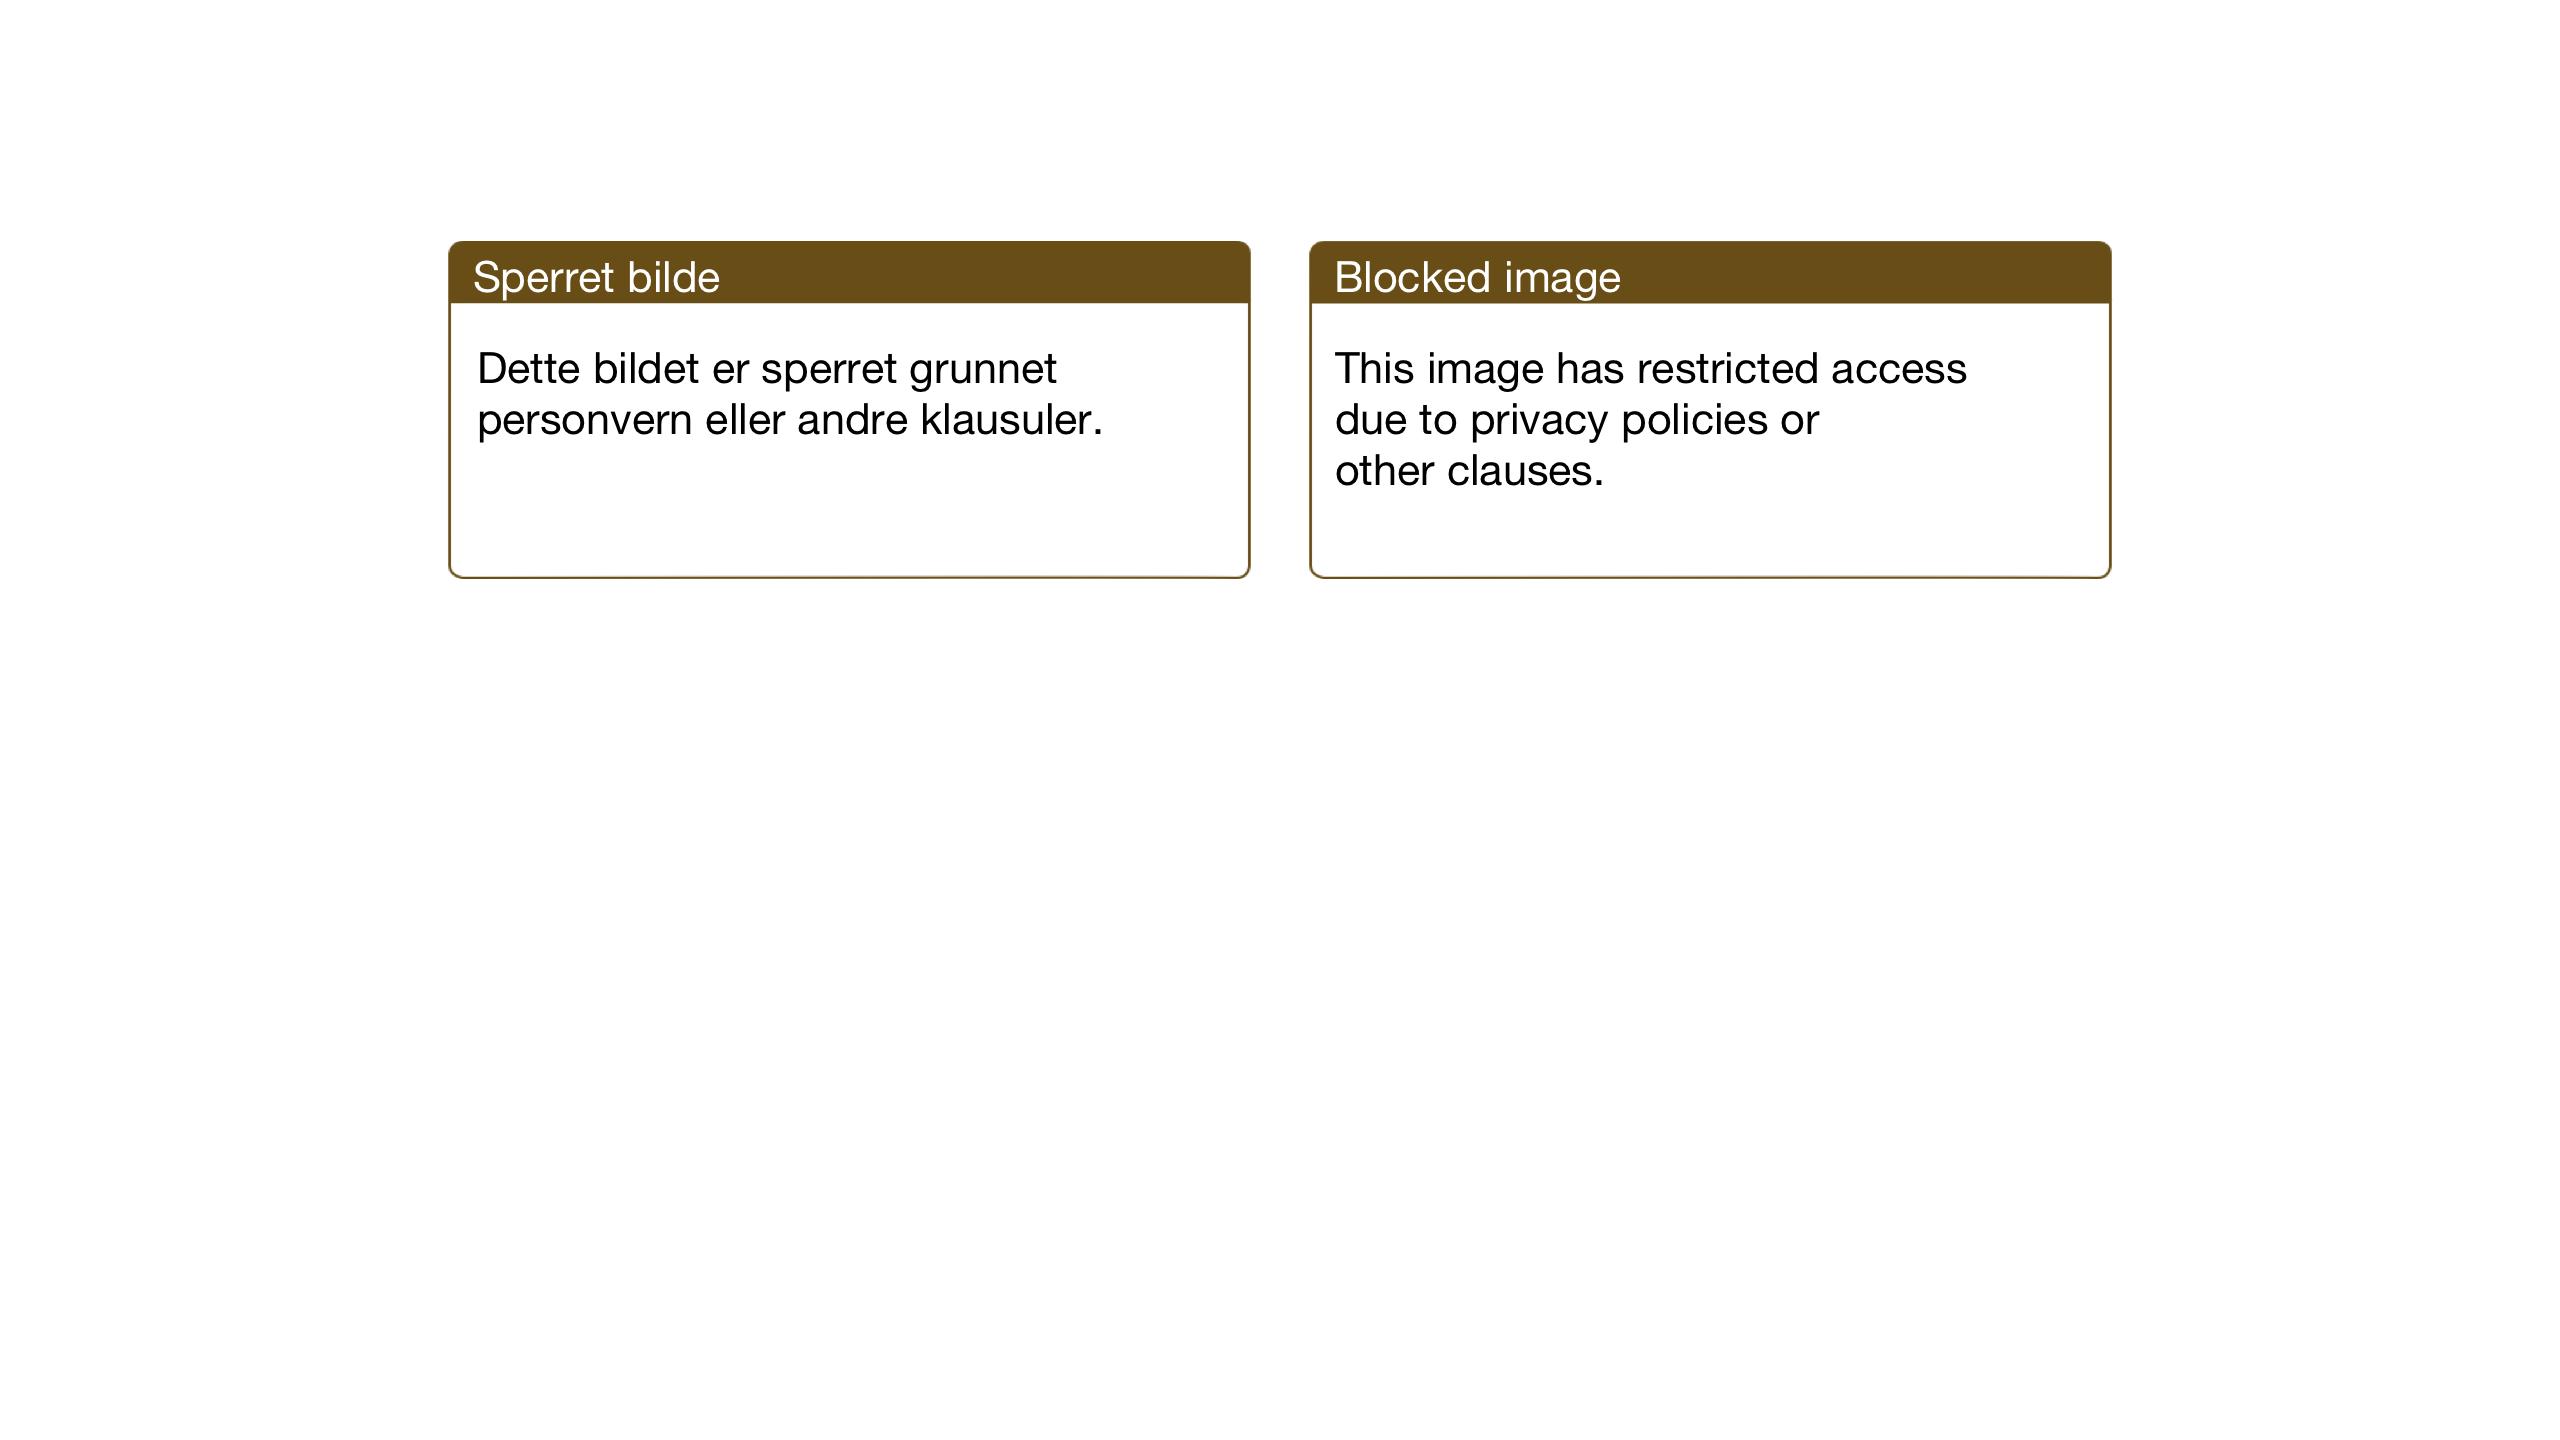 SAT, Ministerialprotokoller, klokkerbøker og fødselsregistre - Nord-Trøndelag, 714/L0136: Klokkerbok nr. 714C05, 1918-1957, s. 249